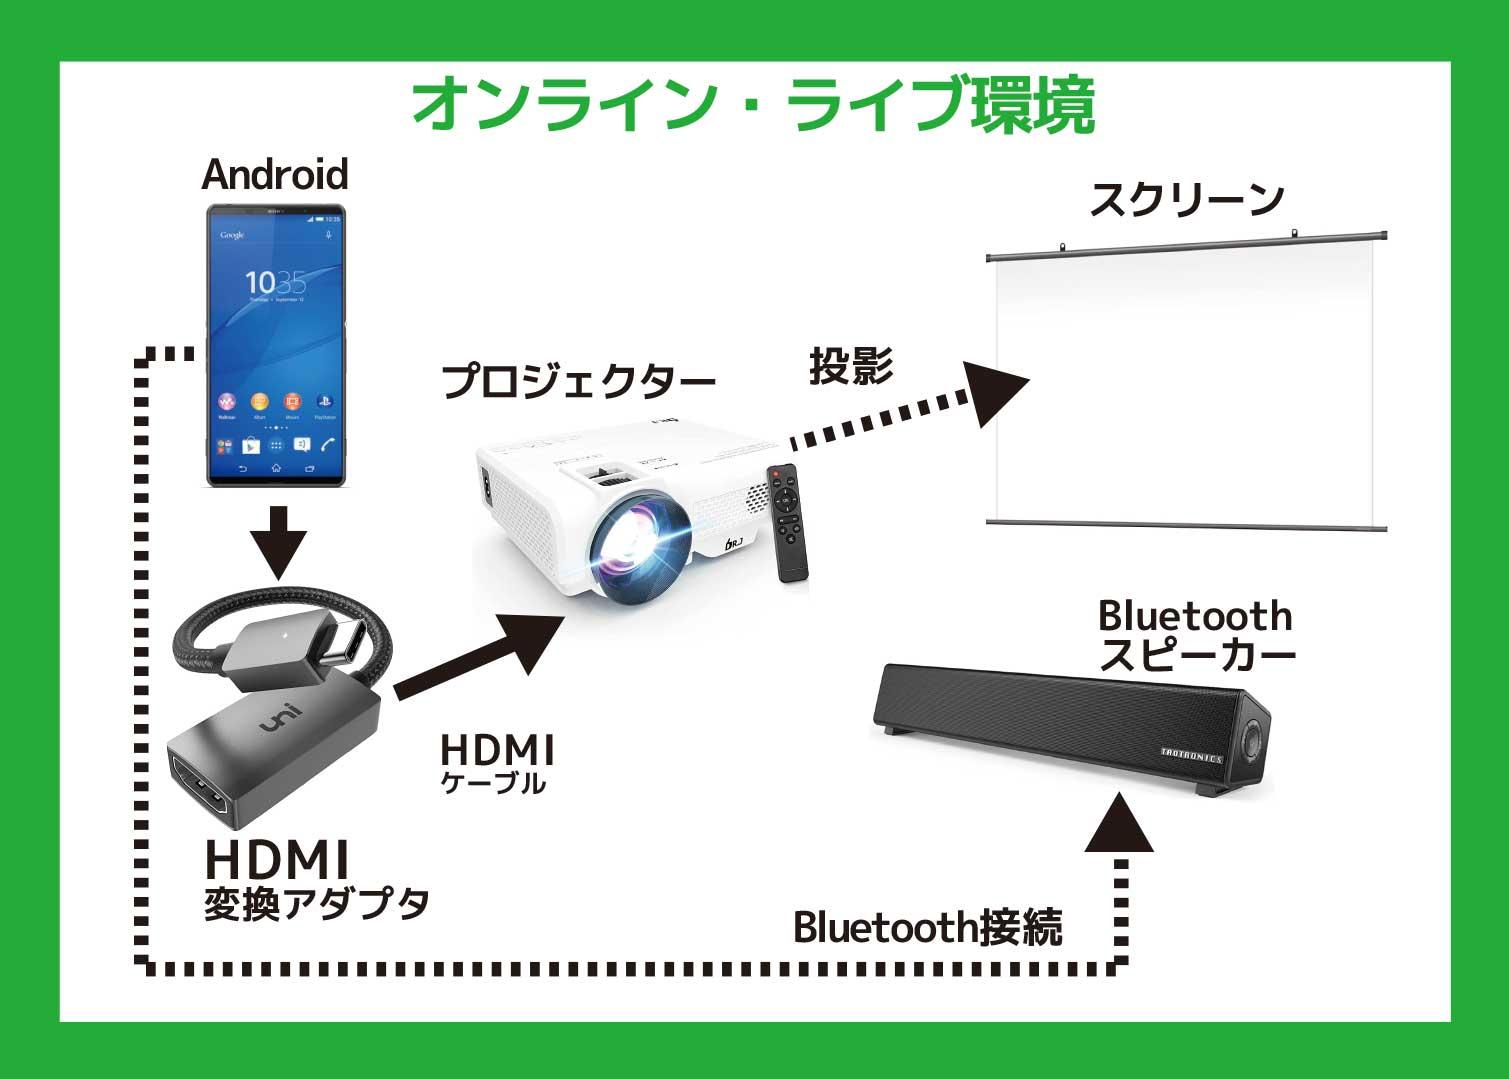 オンライン・ライブ視聴環境 Android